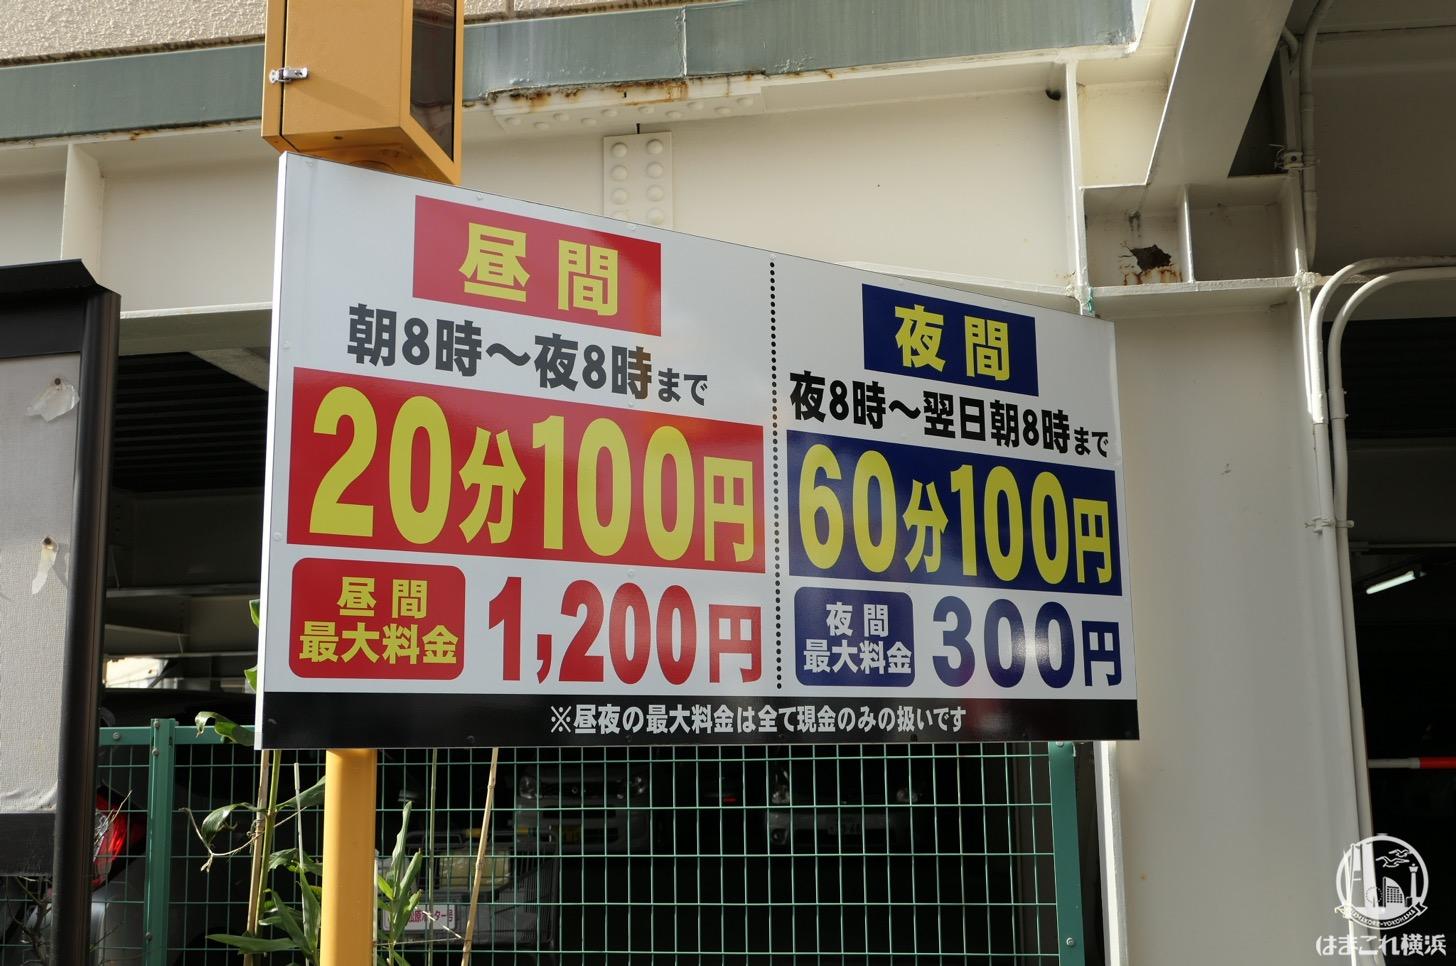 1階の駐車場 料金